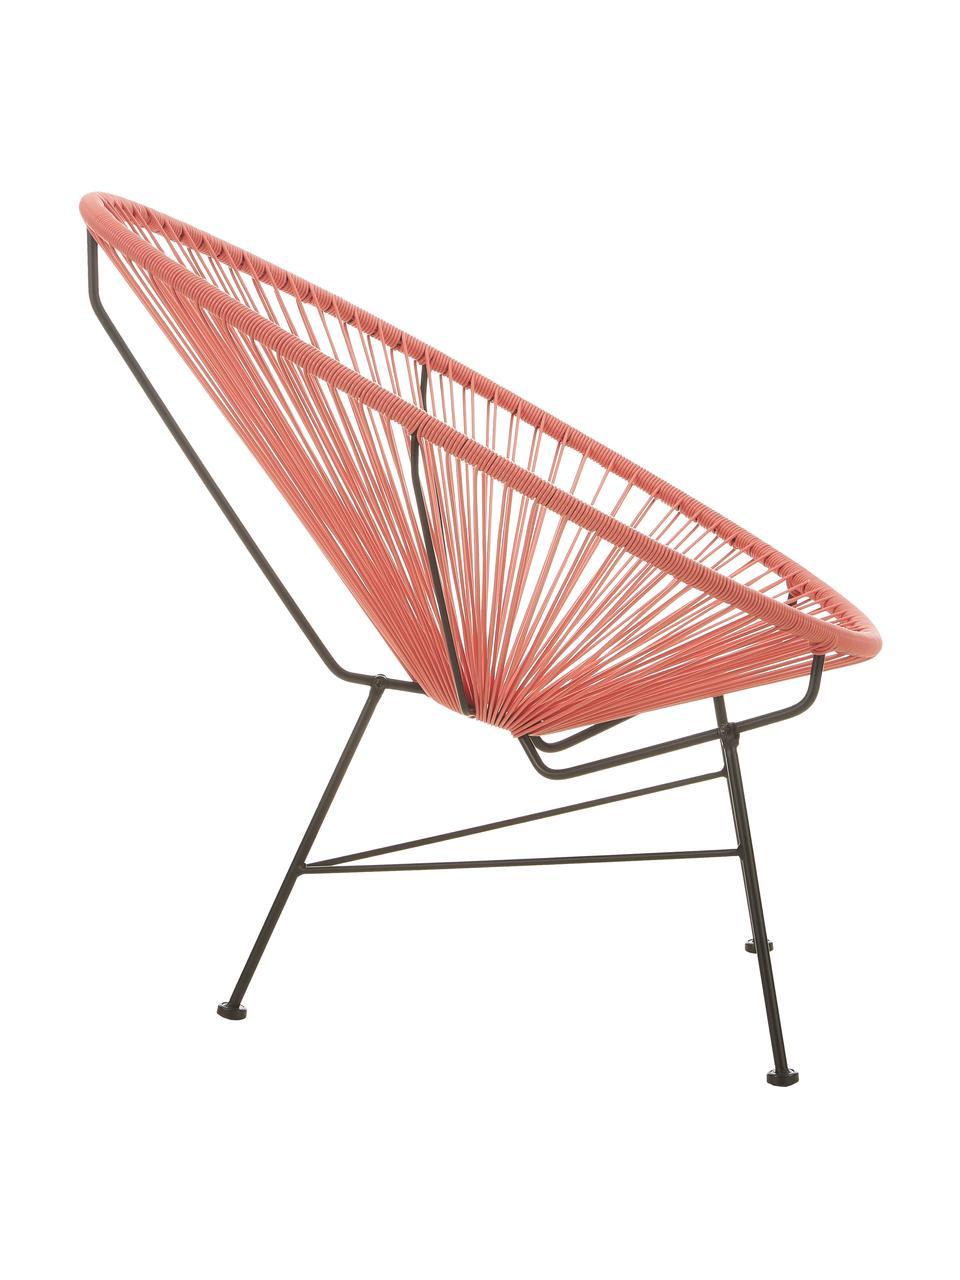 Loungefauteuil Bahia van kunststoffen vlechtwerk, Zitvlak: kunststof, Frame: gepoedercoat metaal, Oranje, 81 x 73 cm